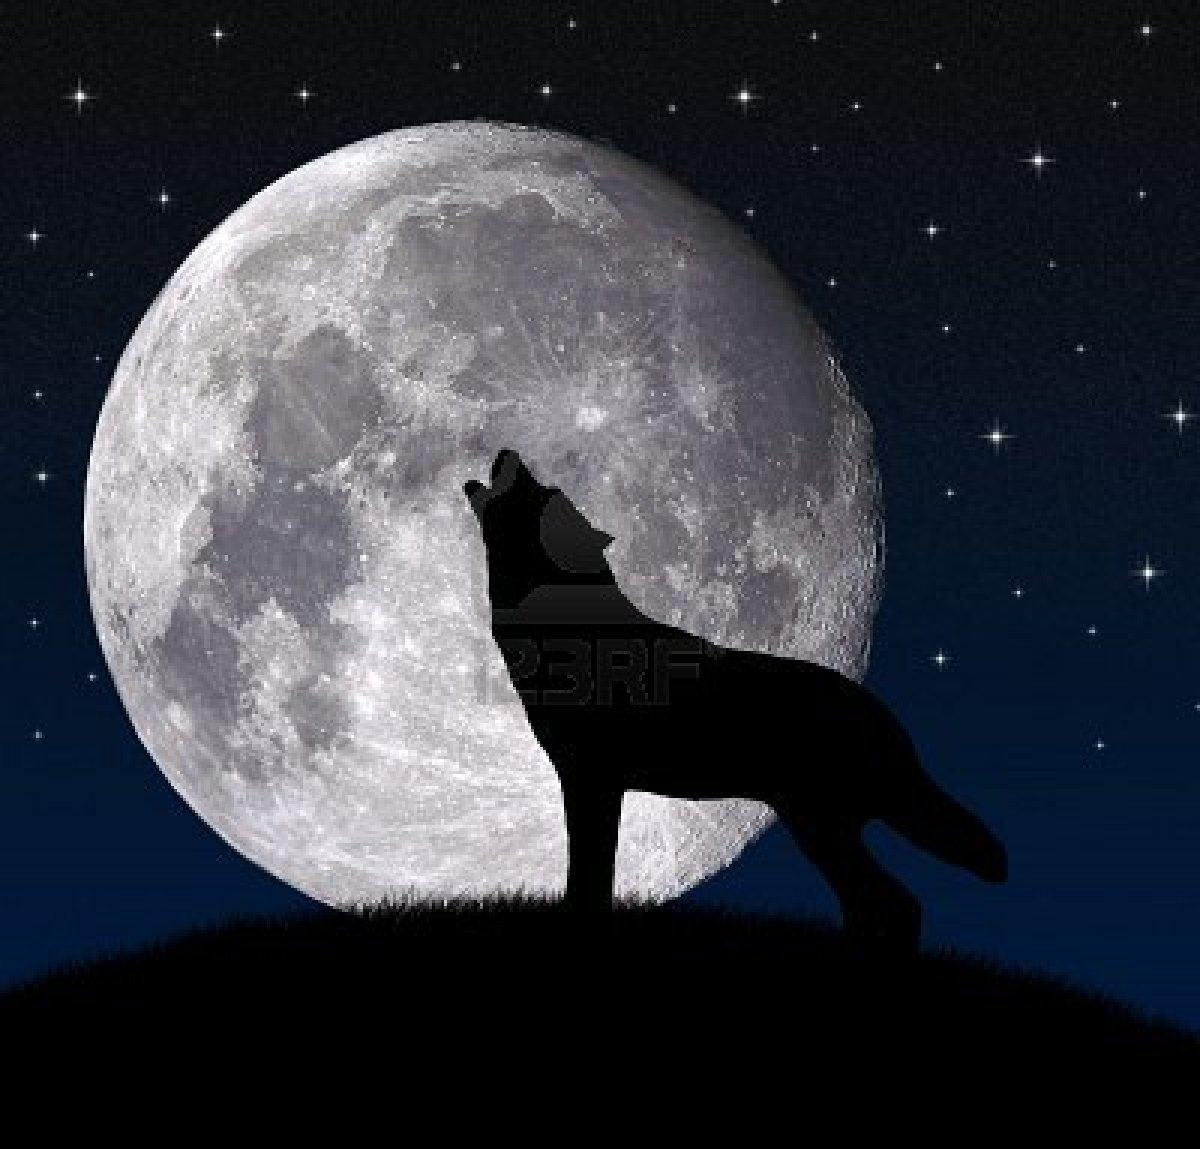 Image Fotos De Lobos Aullando A La Luna Download